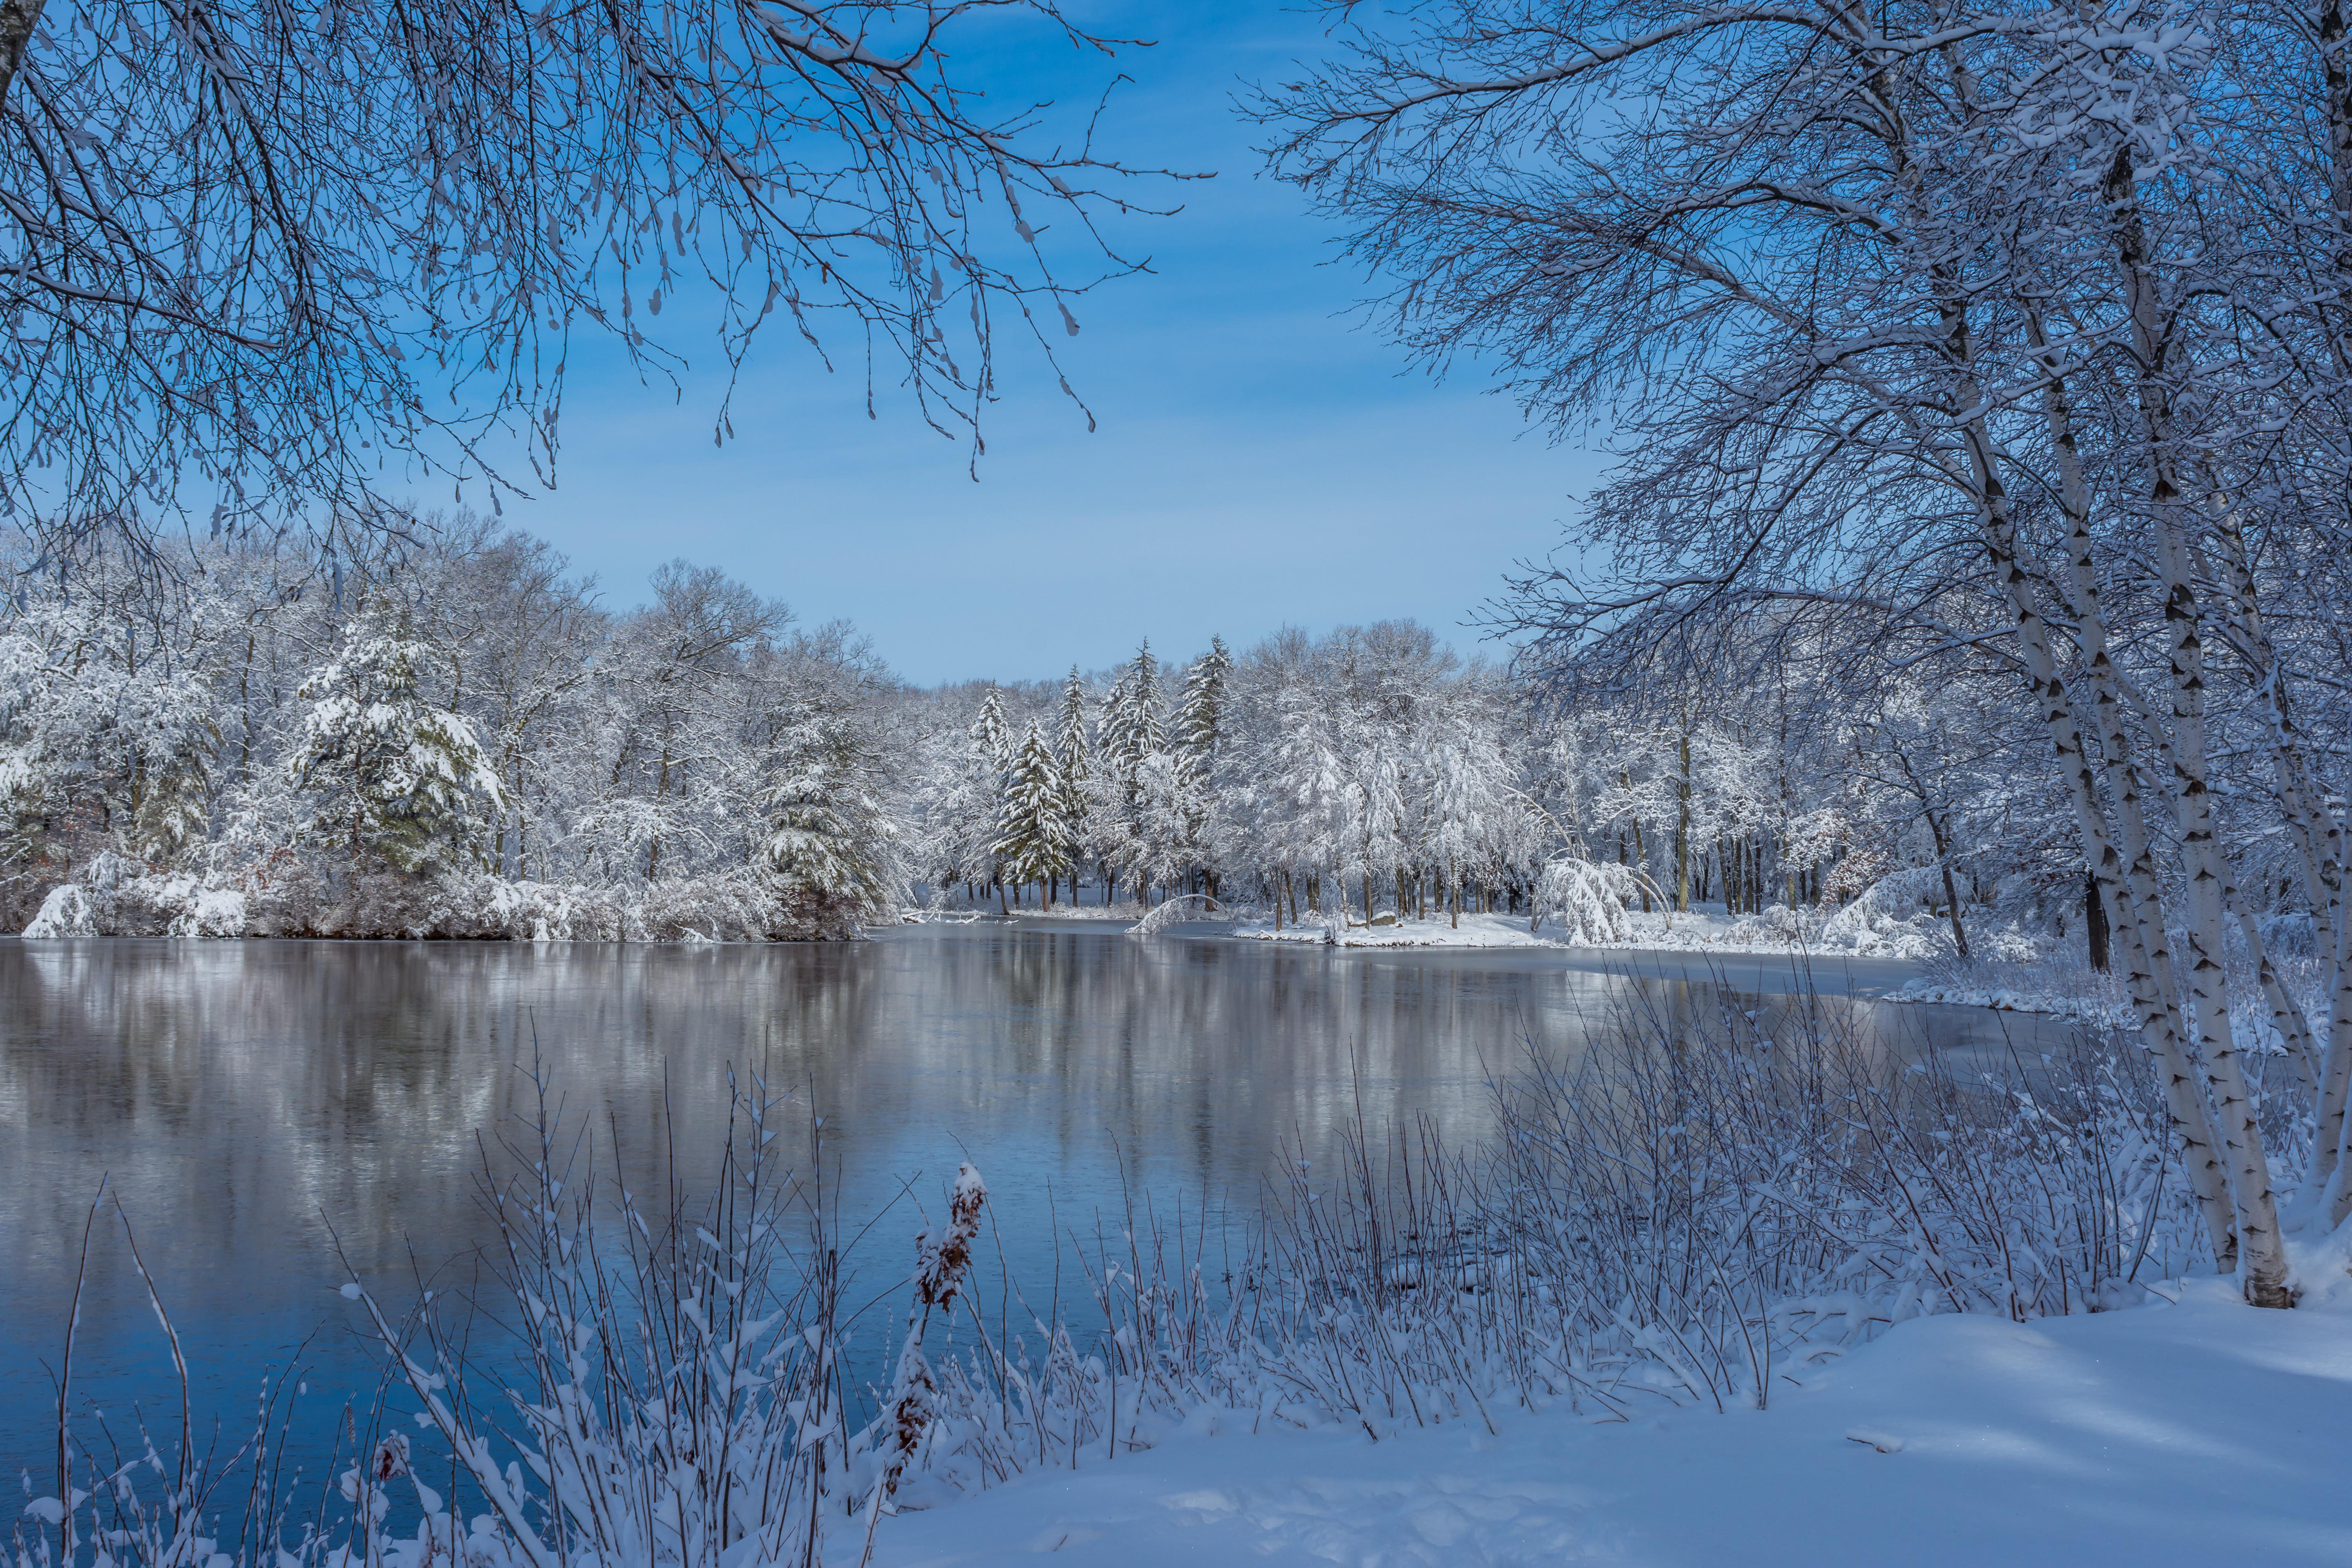 обои Броктон, Массачусетс, парк, зима картинки фото